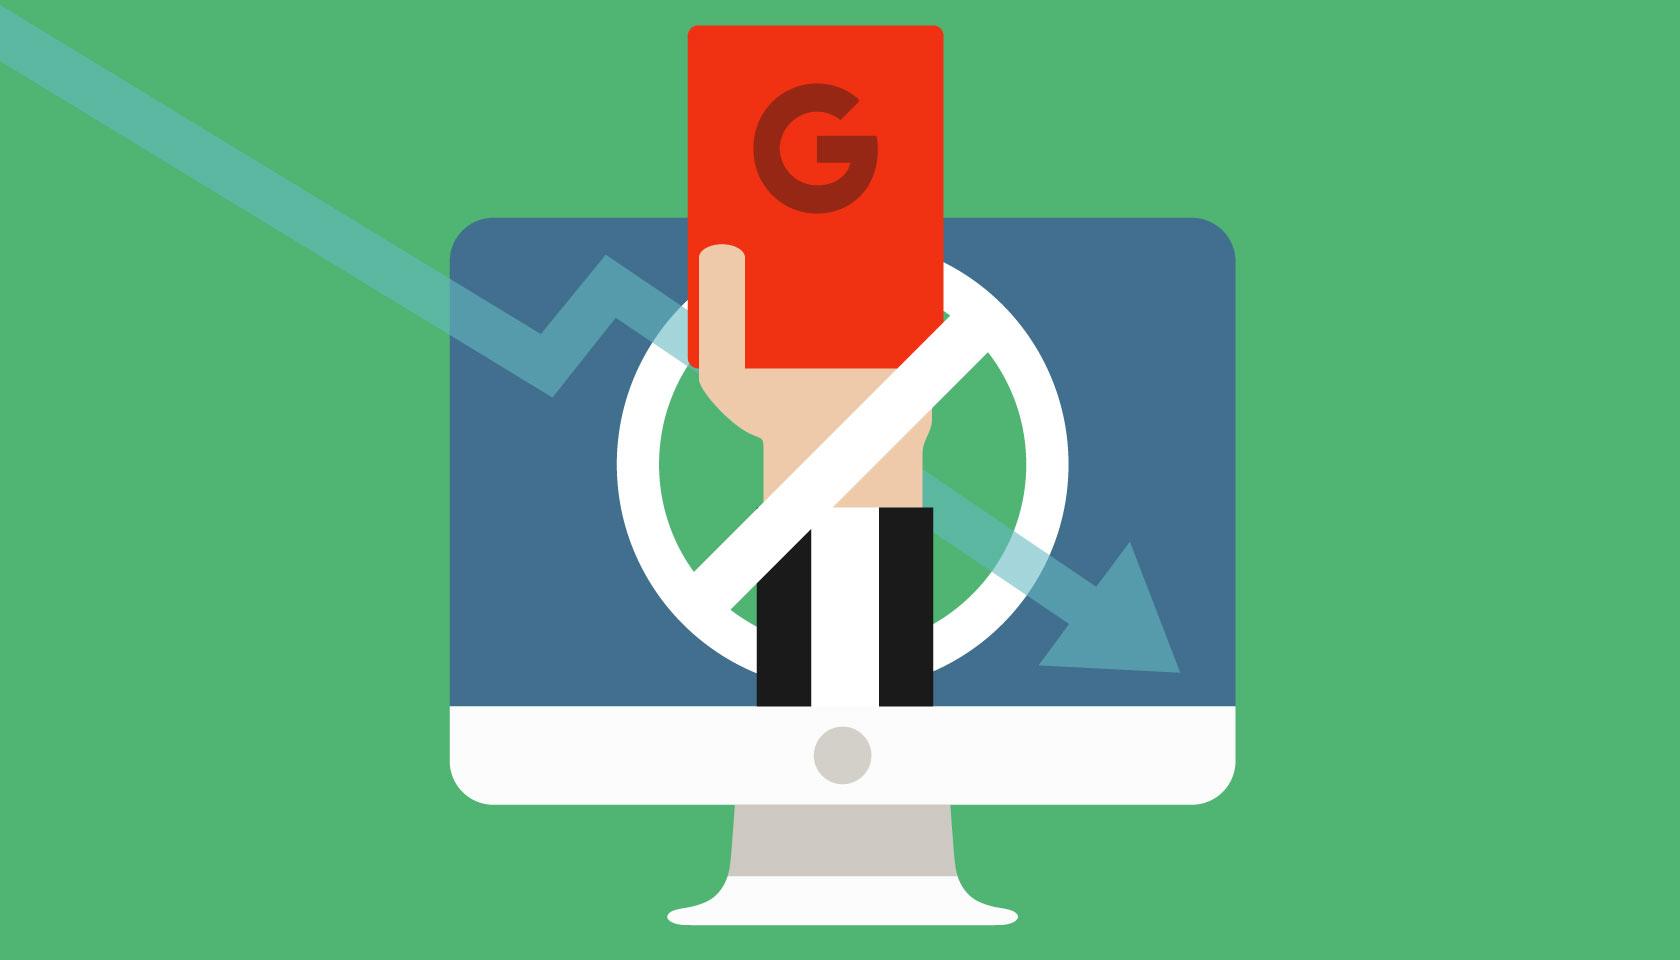 چگونه بفهمیم از گوگل پنالتی شده ایم؟با 4 روش!